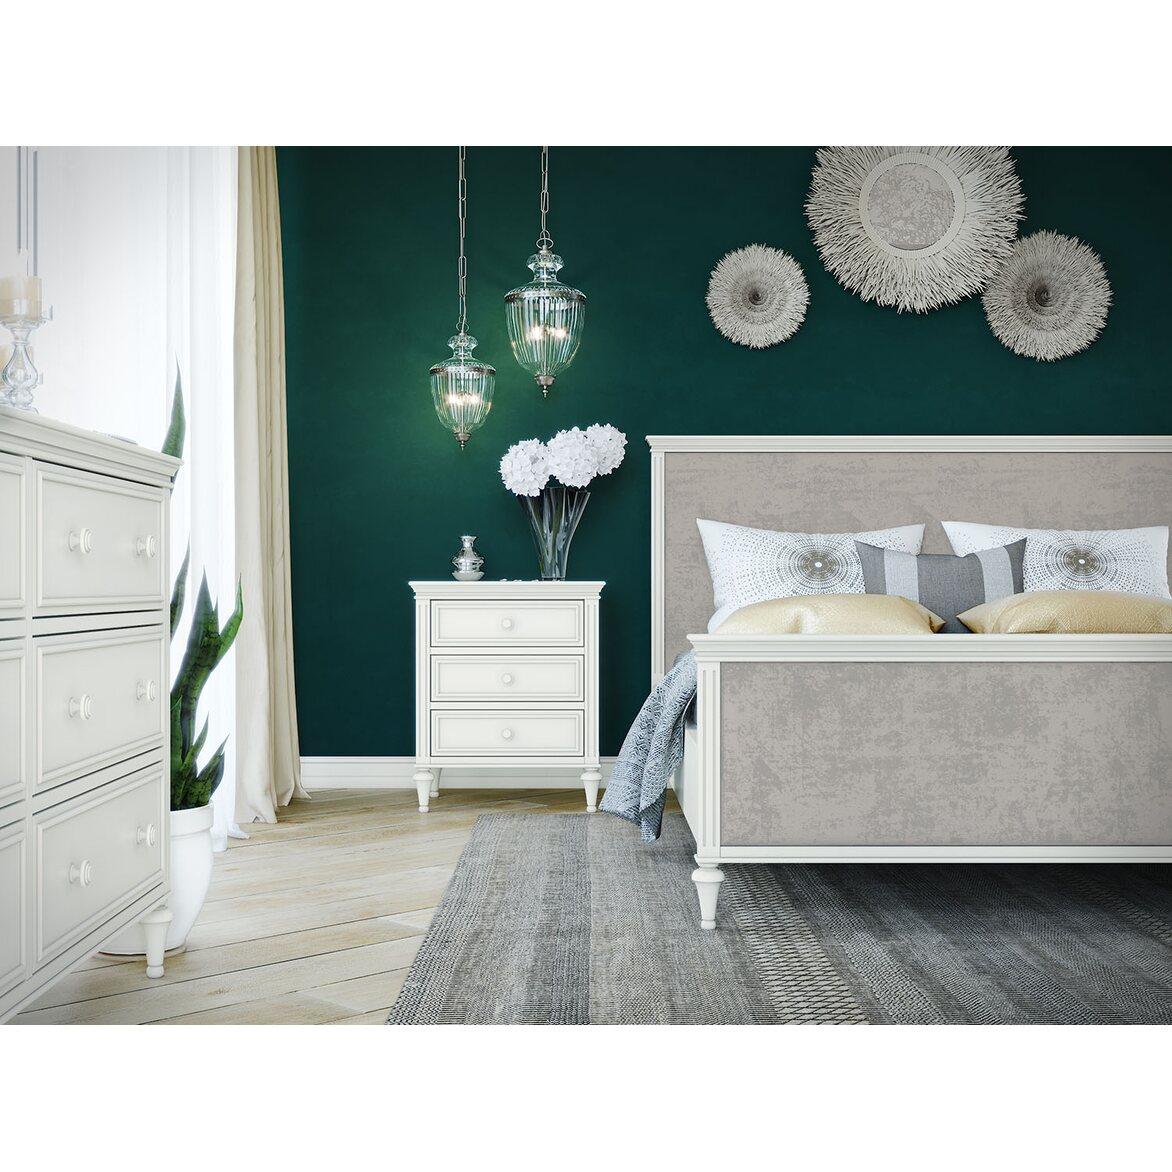 Кровать Riverdi с мягким изголовьем, с изножьем 5 | Двуспальные кровати Kingsby